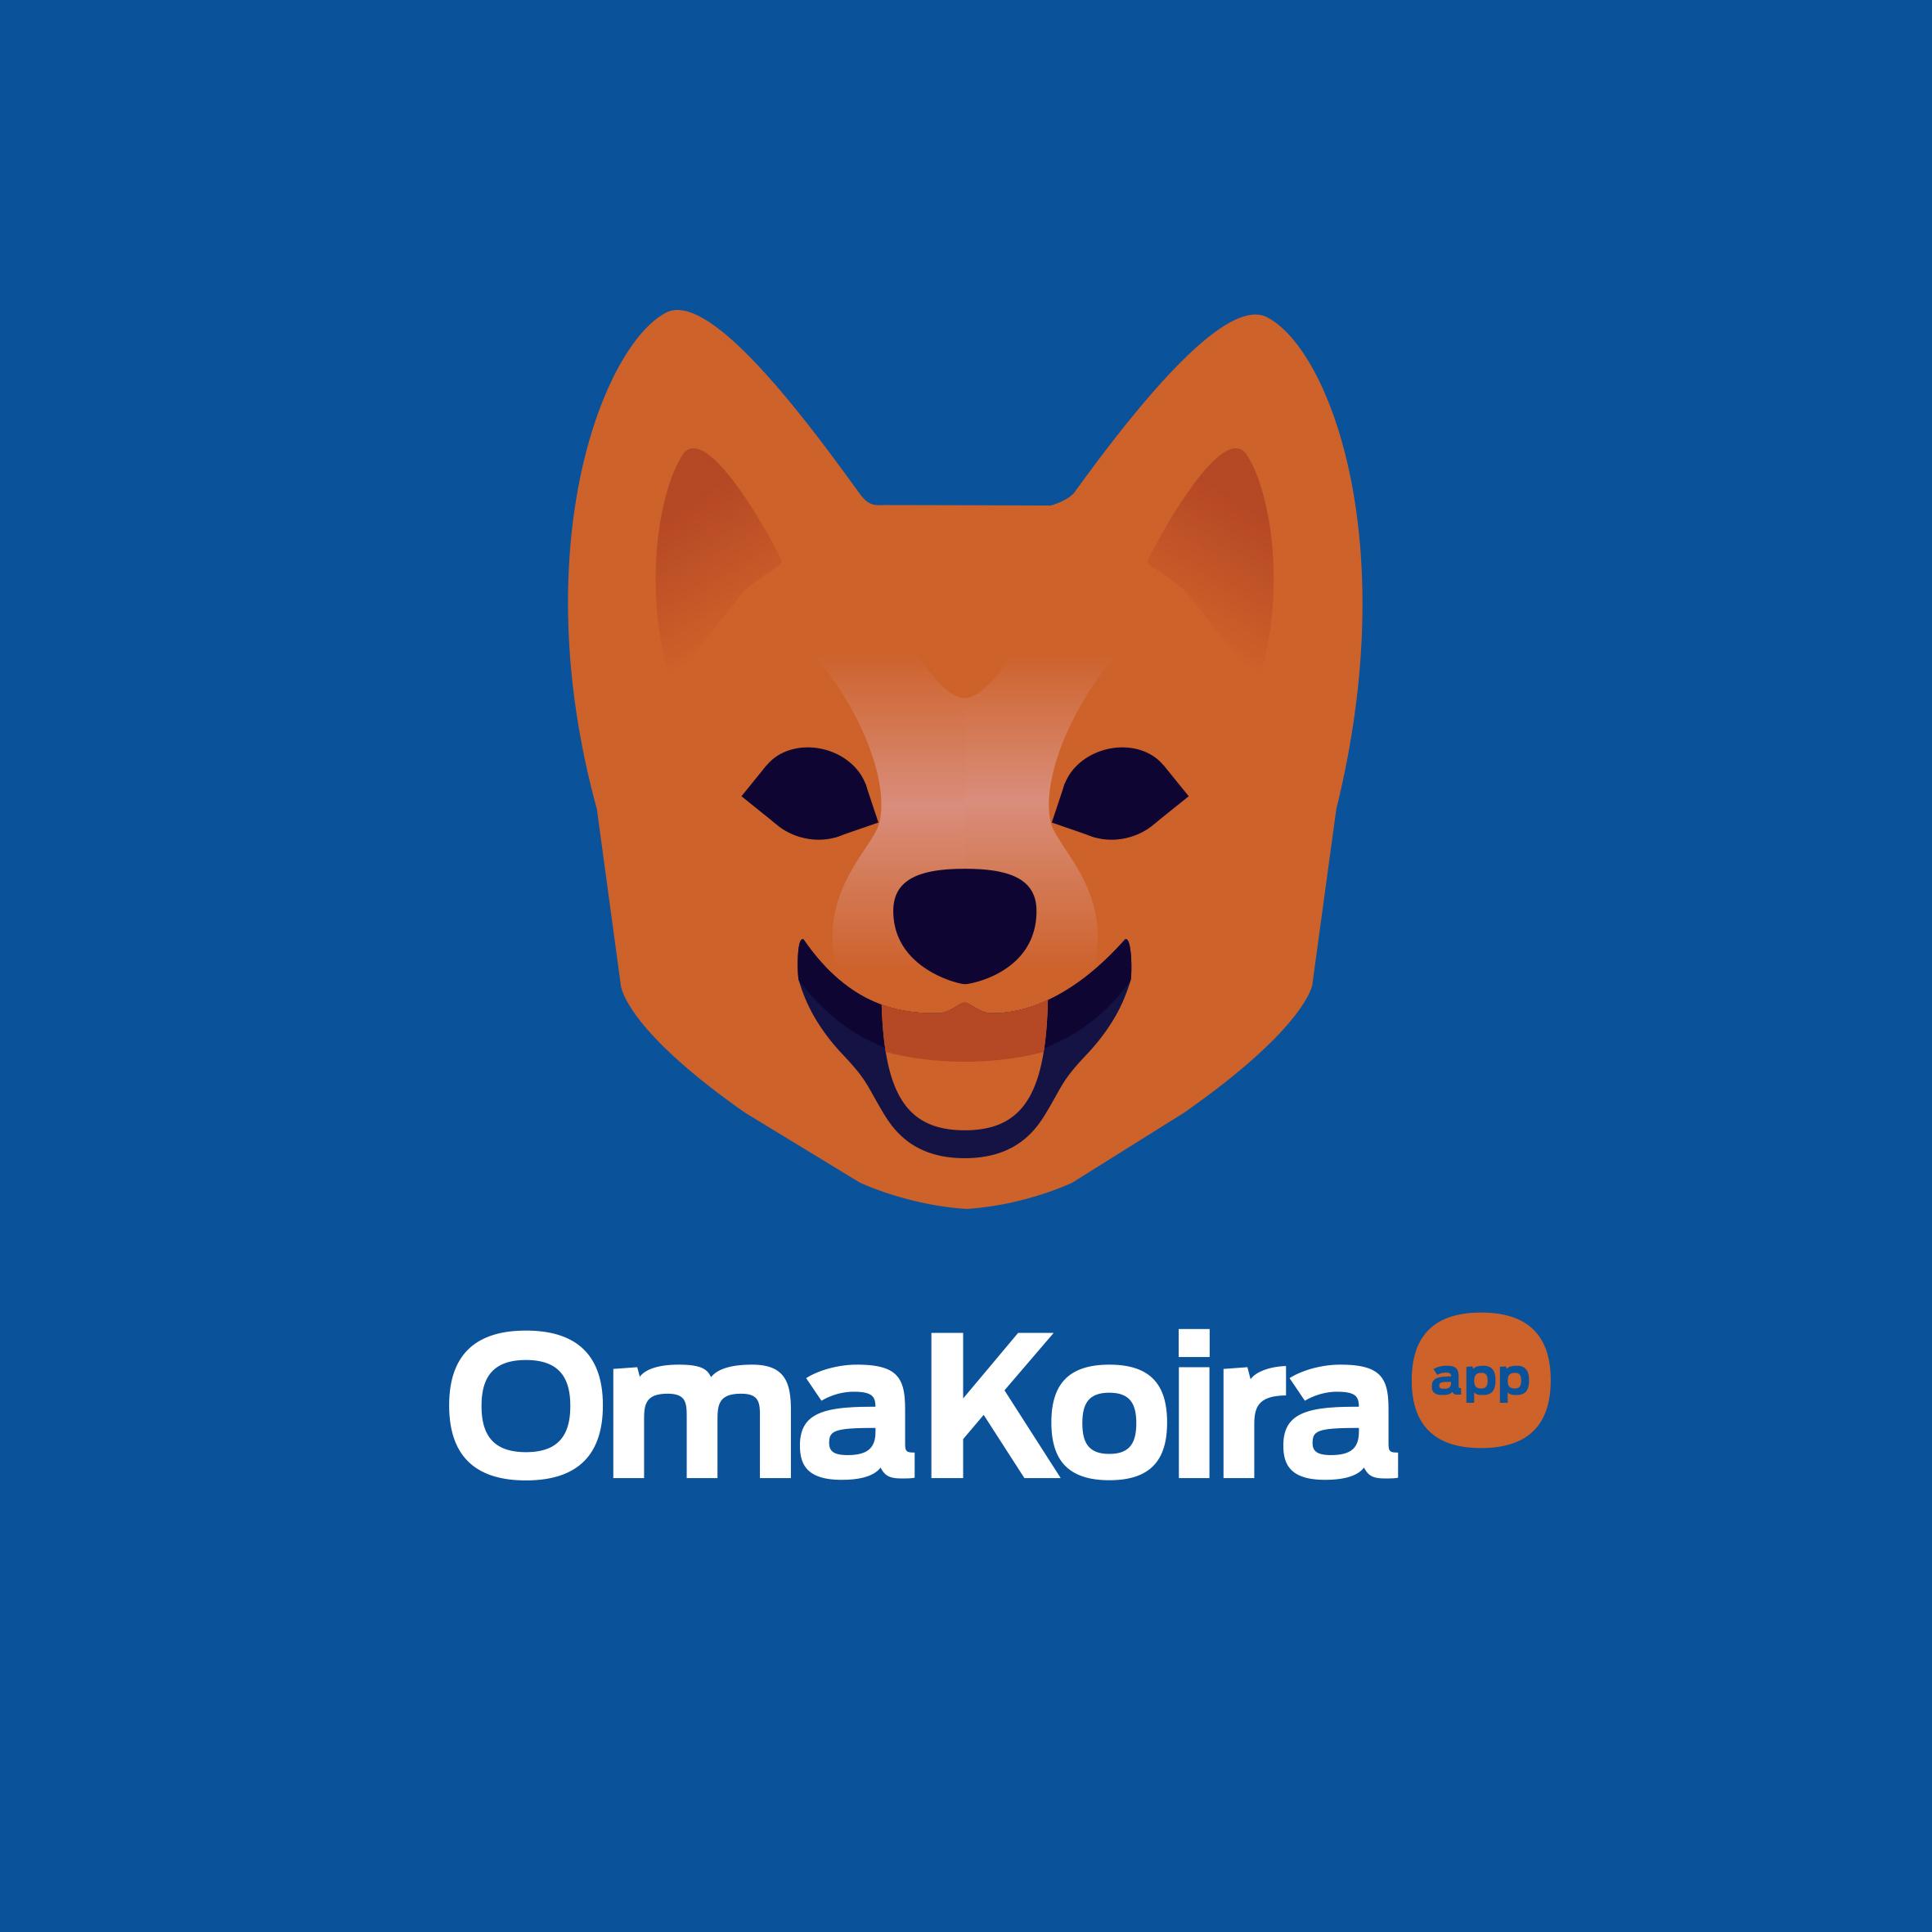 Omakoira